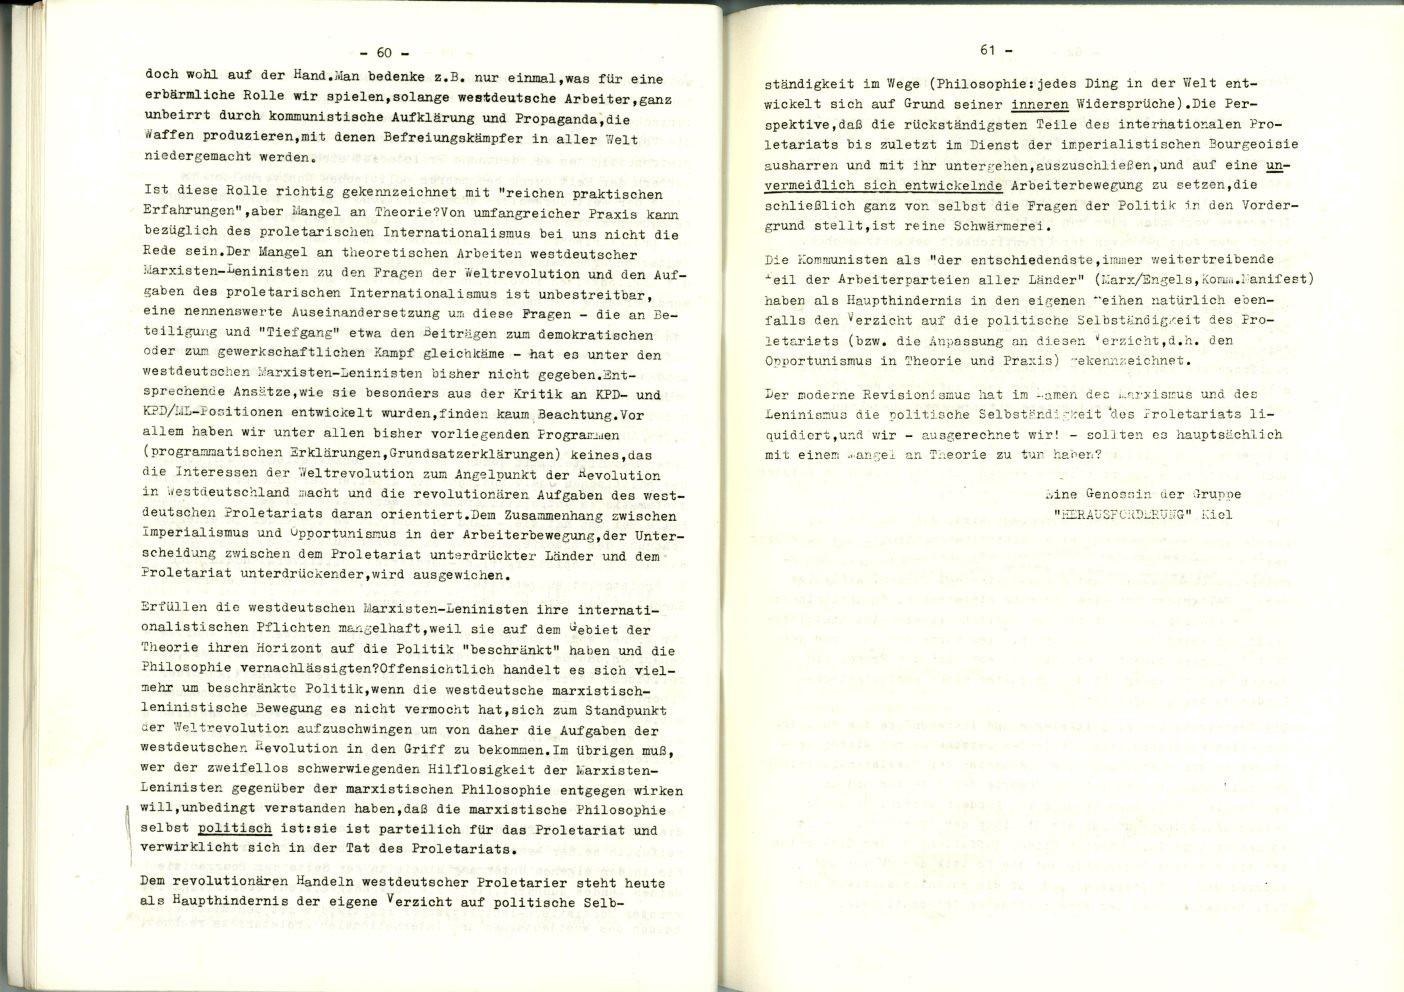 Nuernberg_Fuerth_Erlangen_ML_Diskussionsbeitraege_1979_02_31